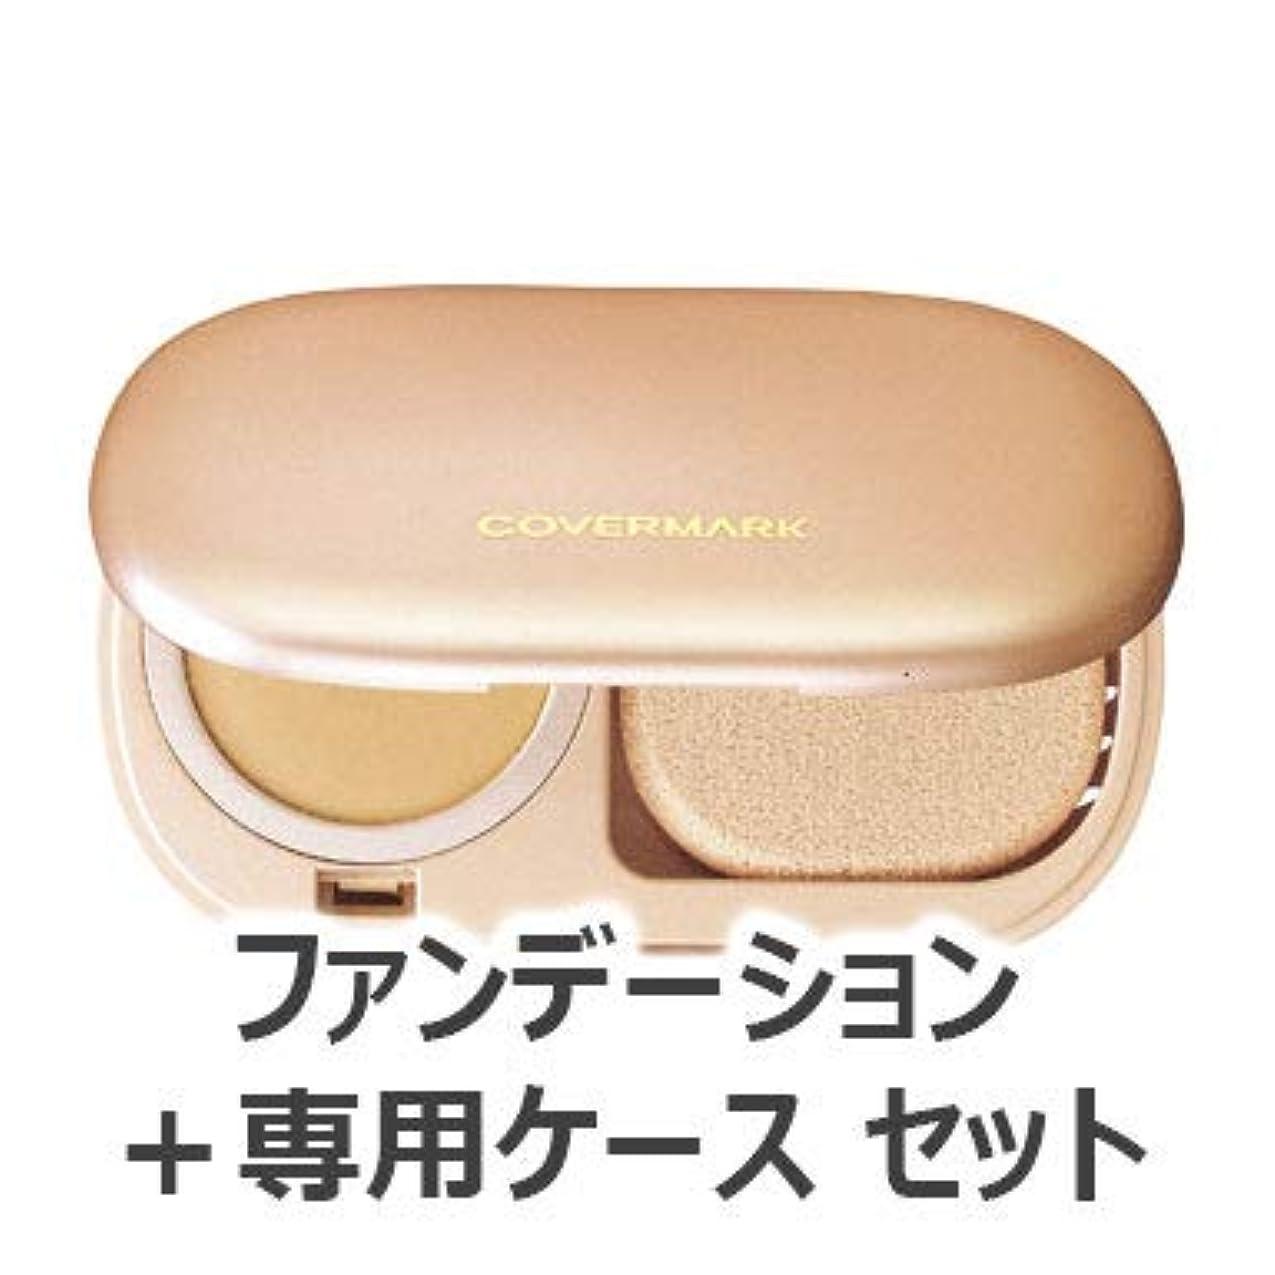 ダイアクリティカル腹痛敬礼カバーマーク パクトケース(スポンジつき) + 専用スポンジ セット